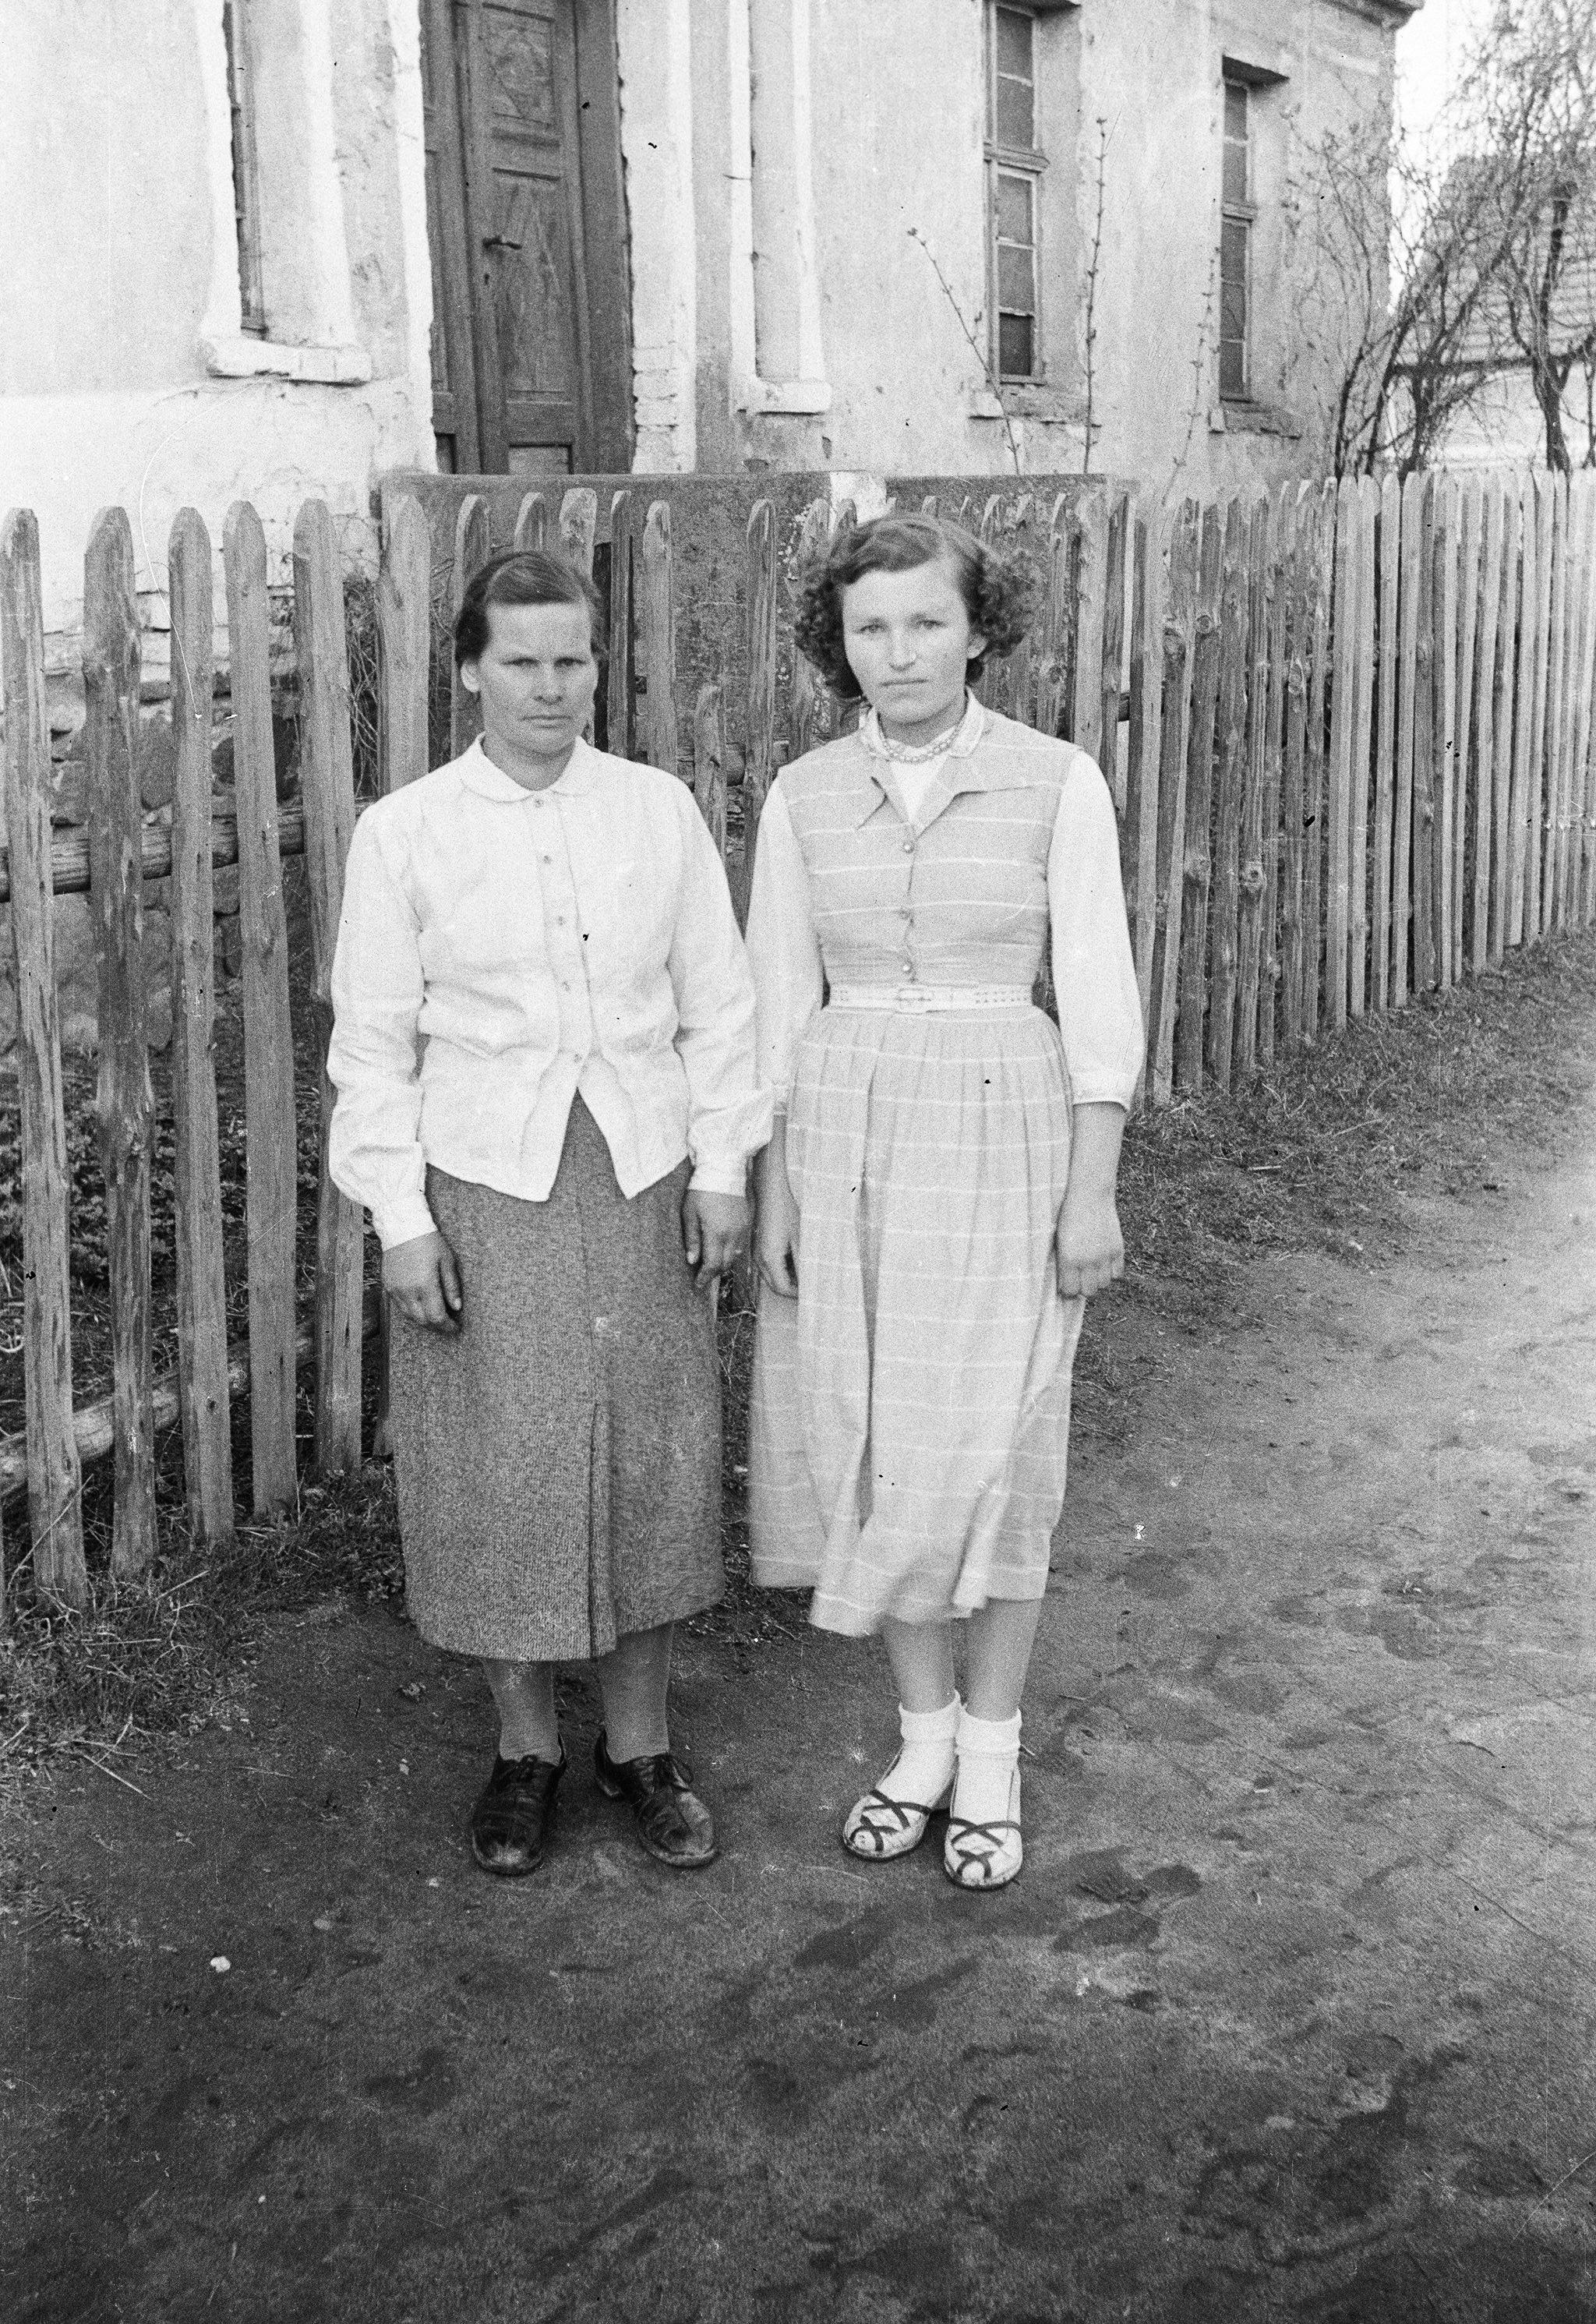 Państwo Dąbkowie, matka z córką, Rudawa, Dolny Śląsk, lata 50. XX w.